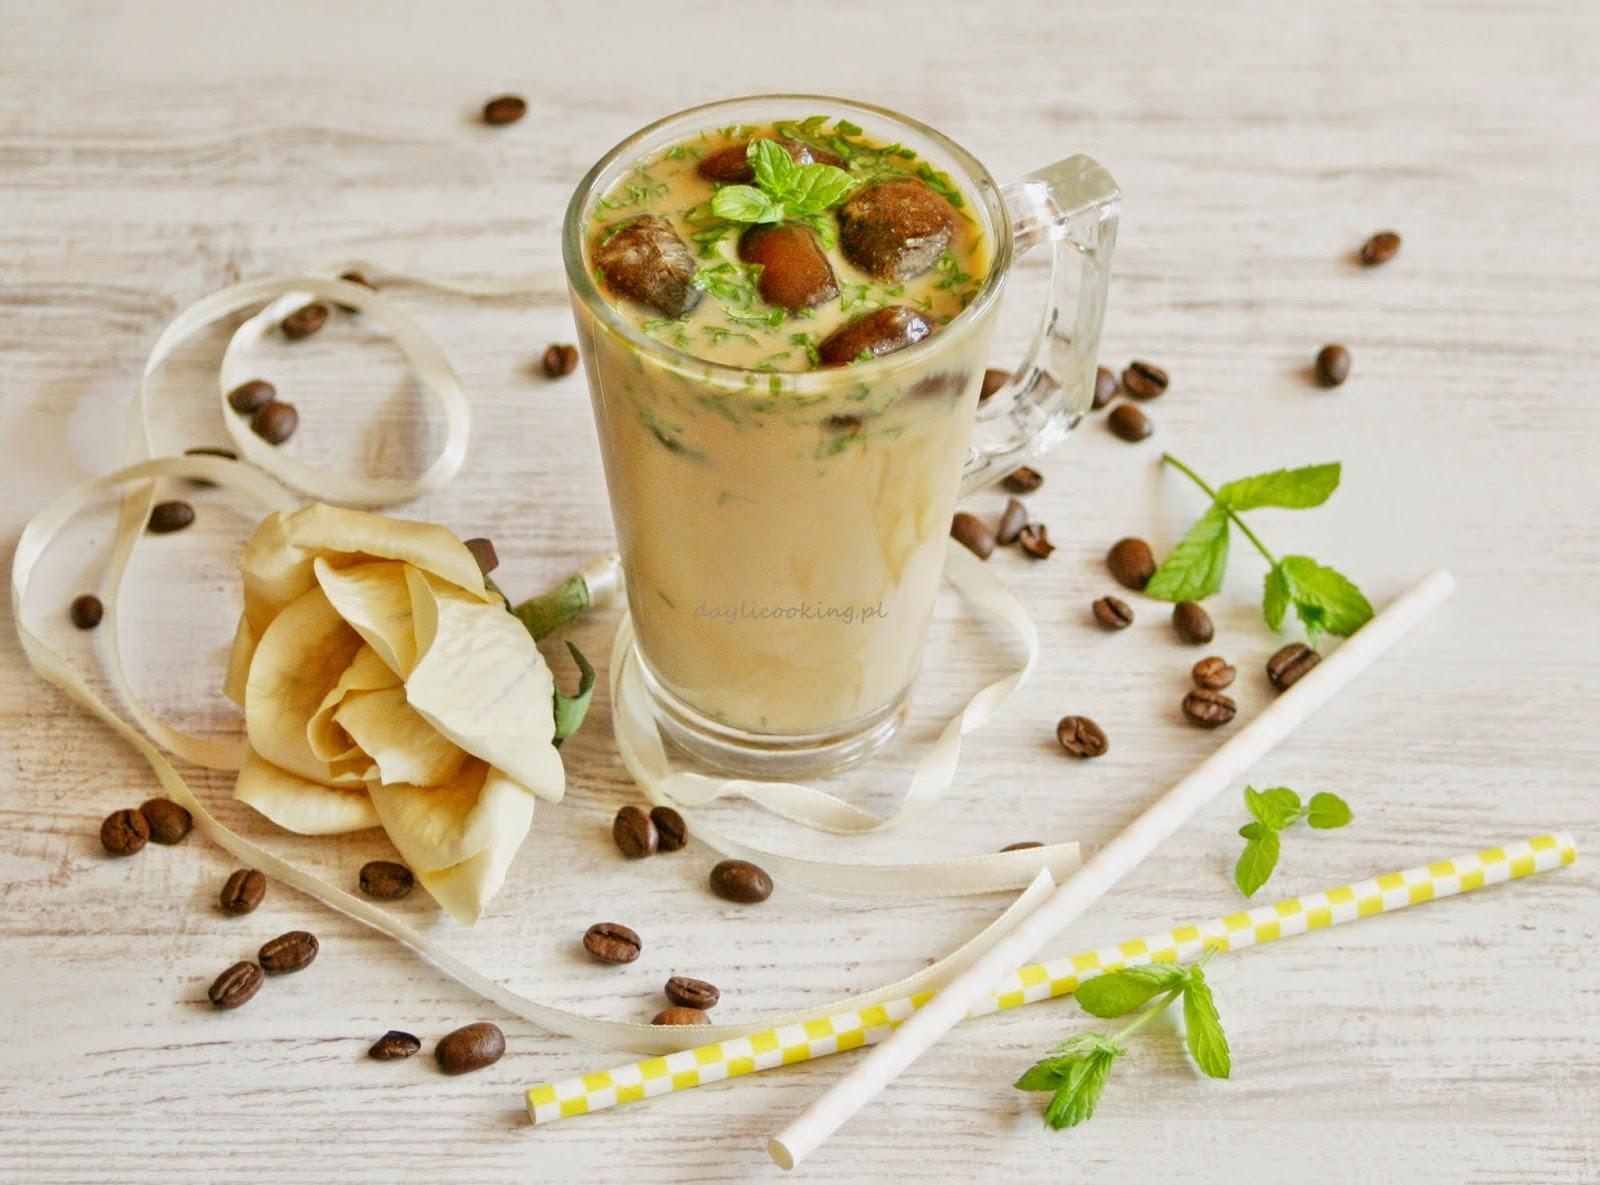 Mrożona kawa z wanilią i świeżą miętą